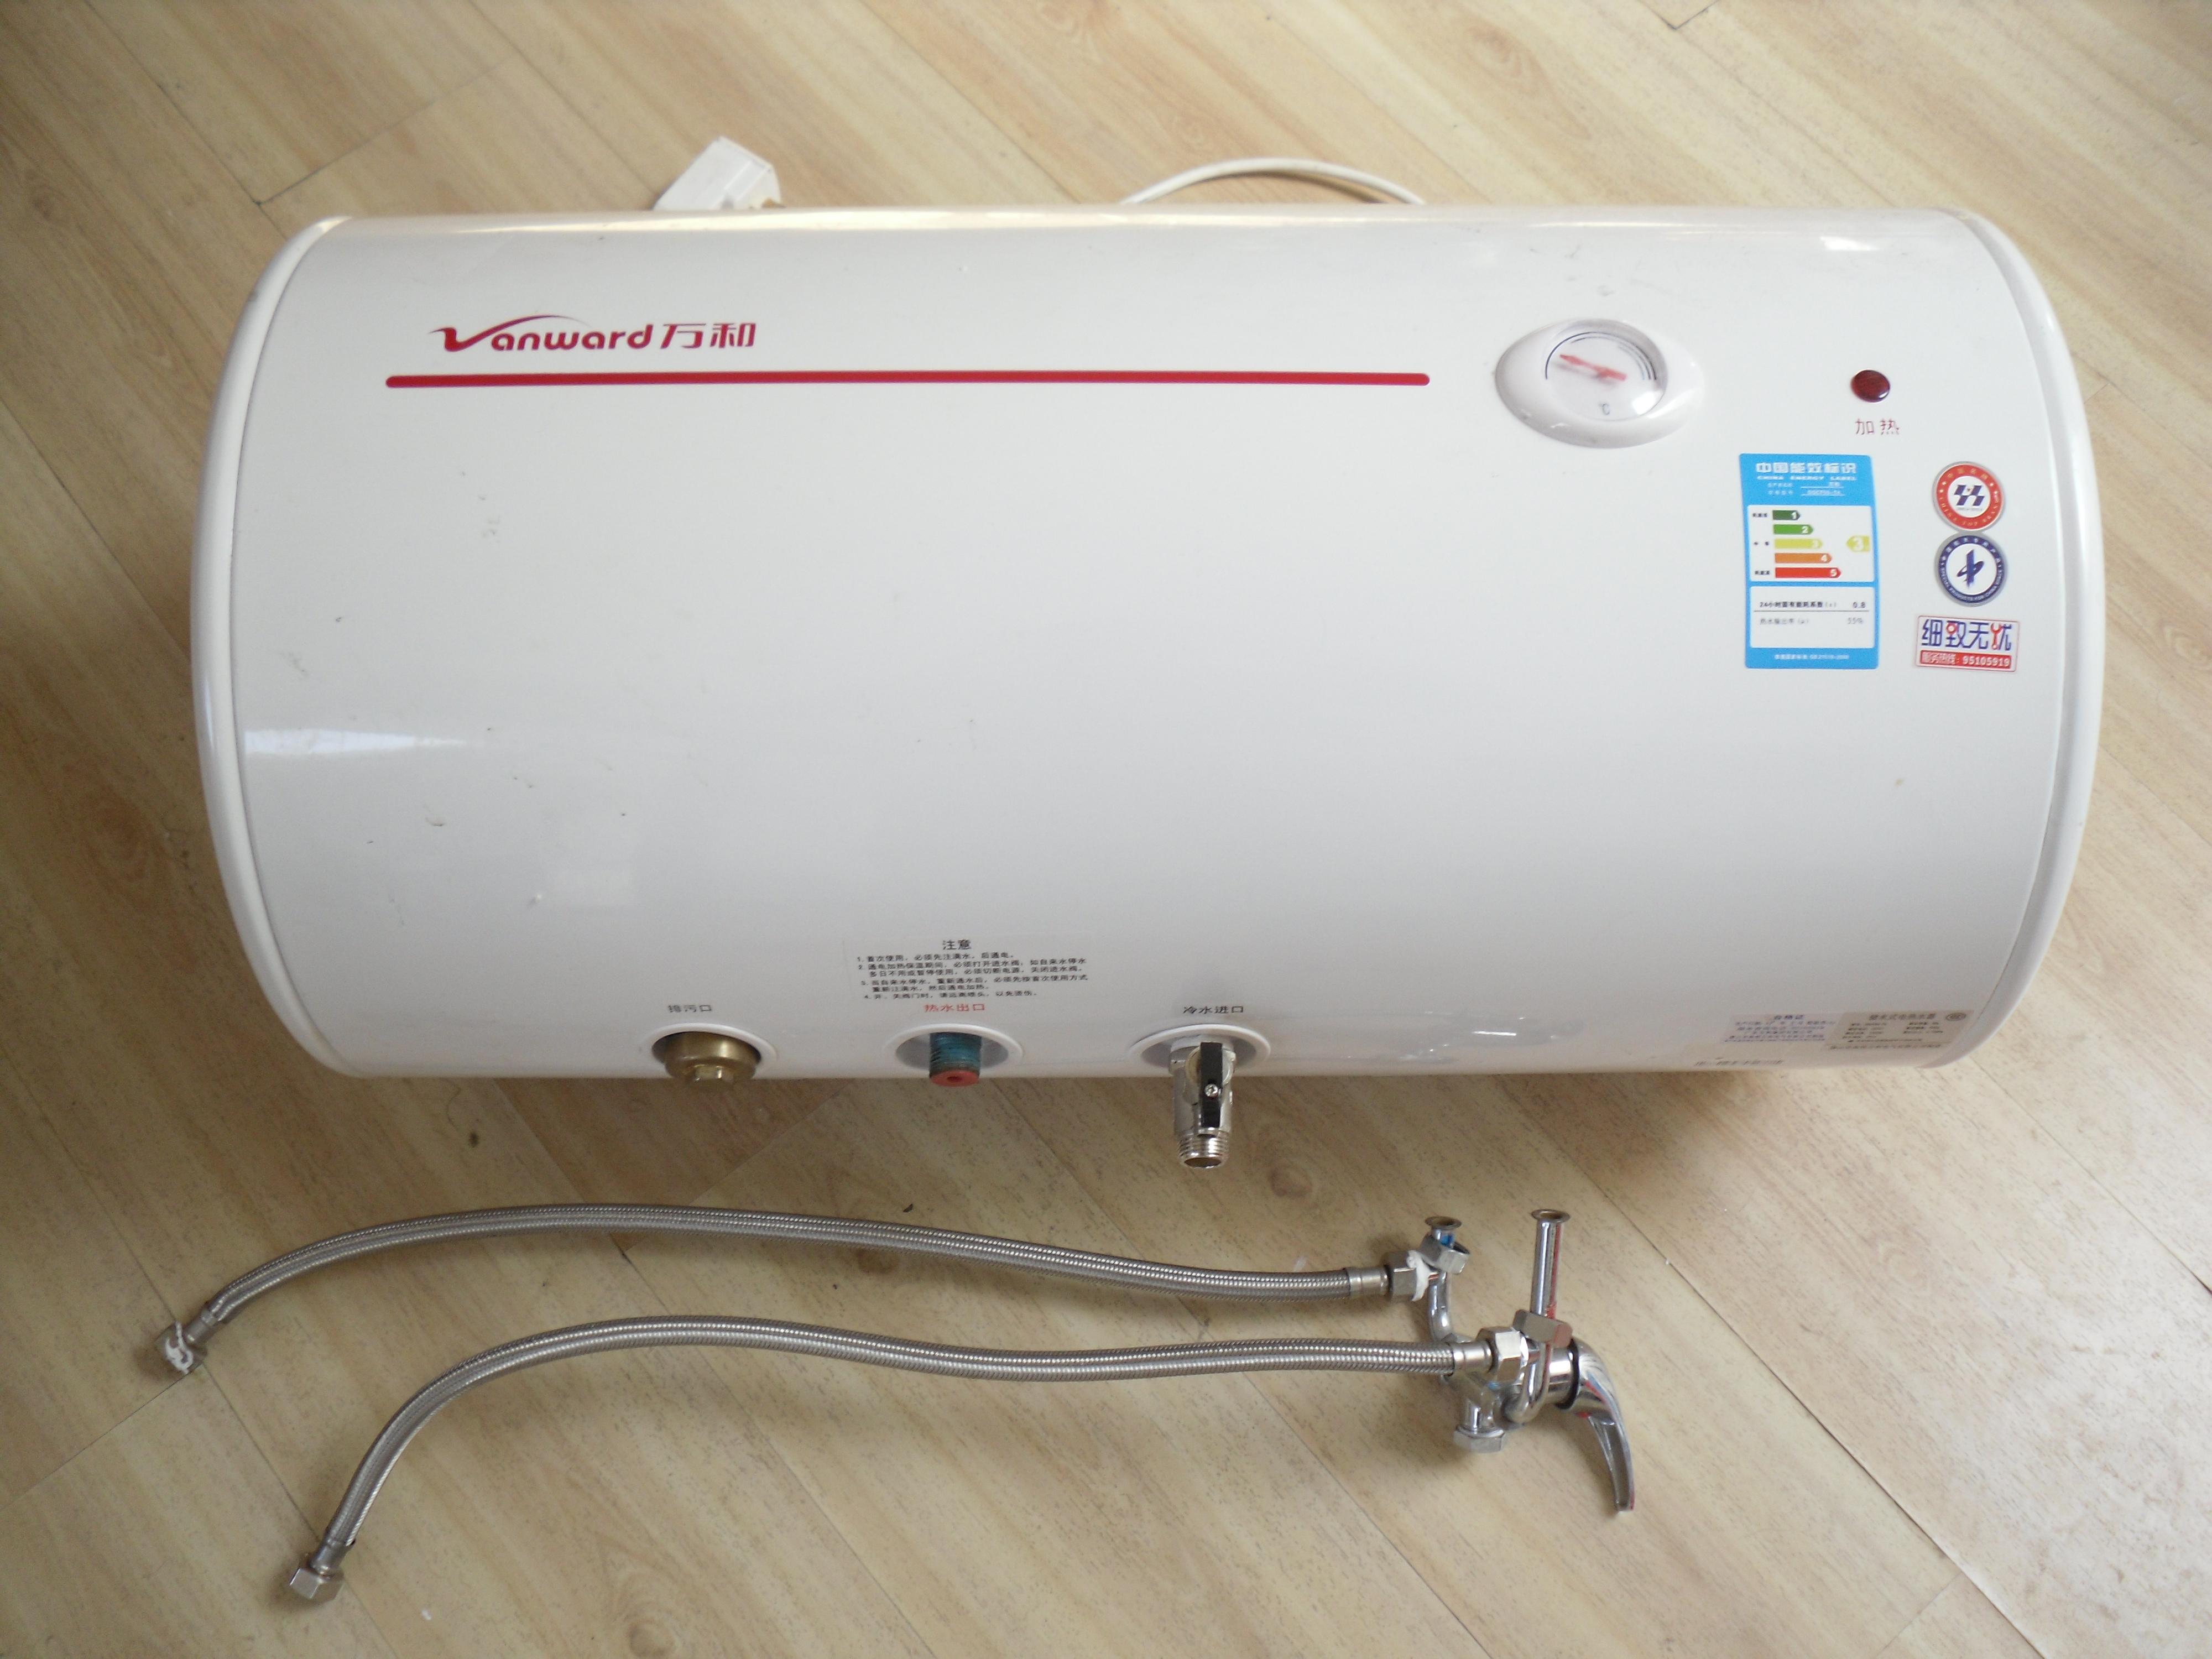 最近想装一台新的万和热水器,平